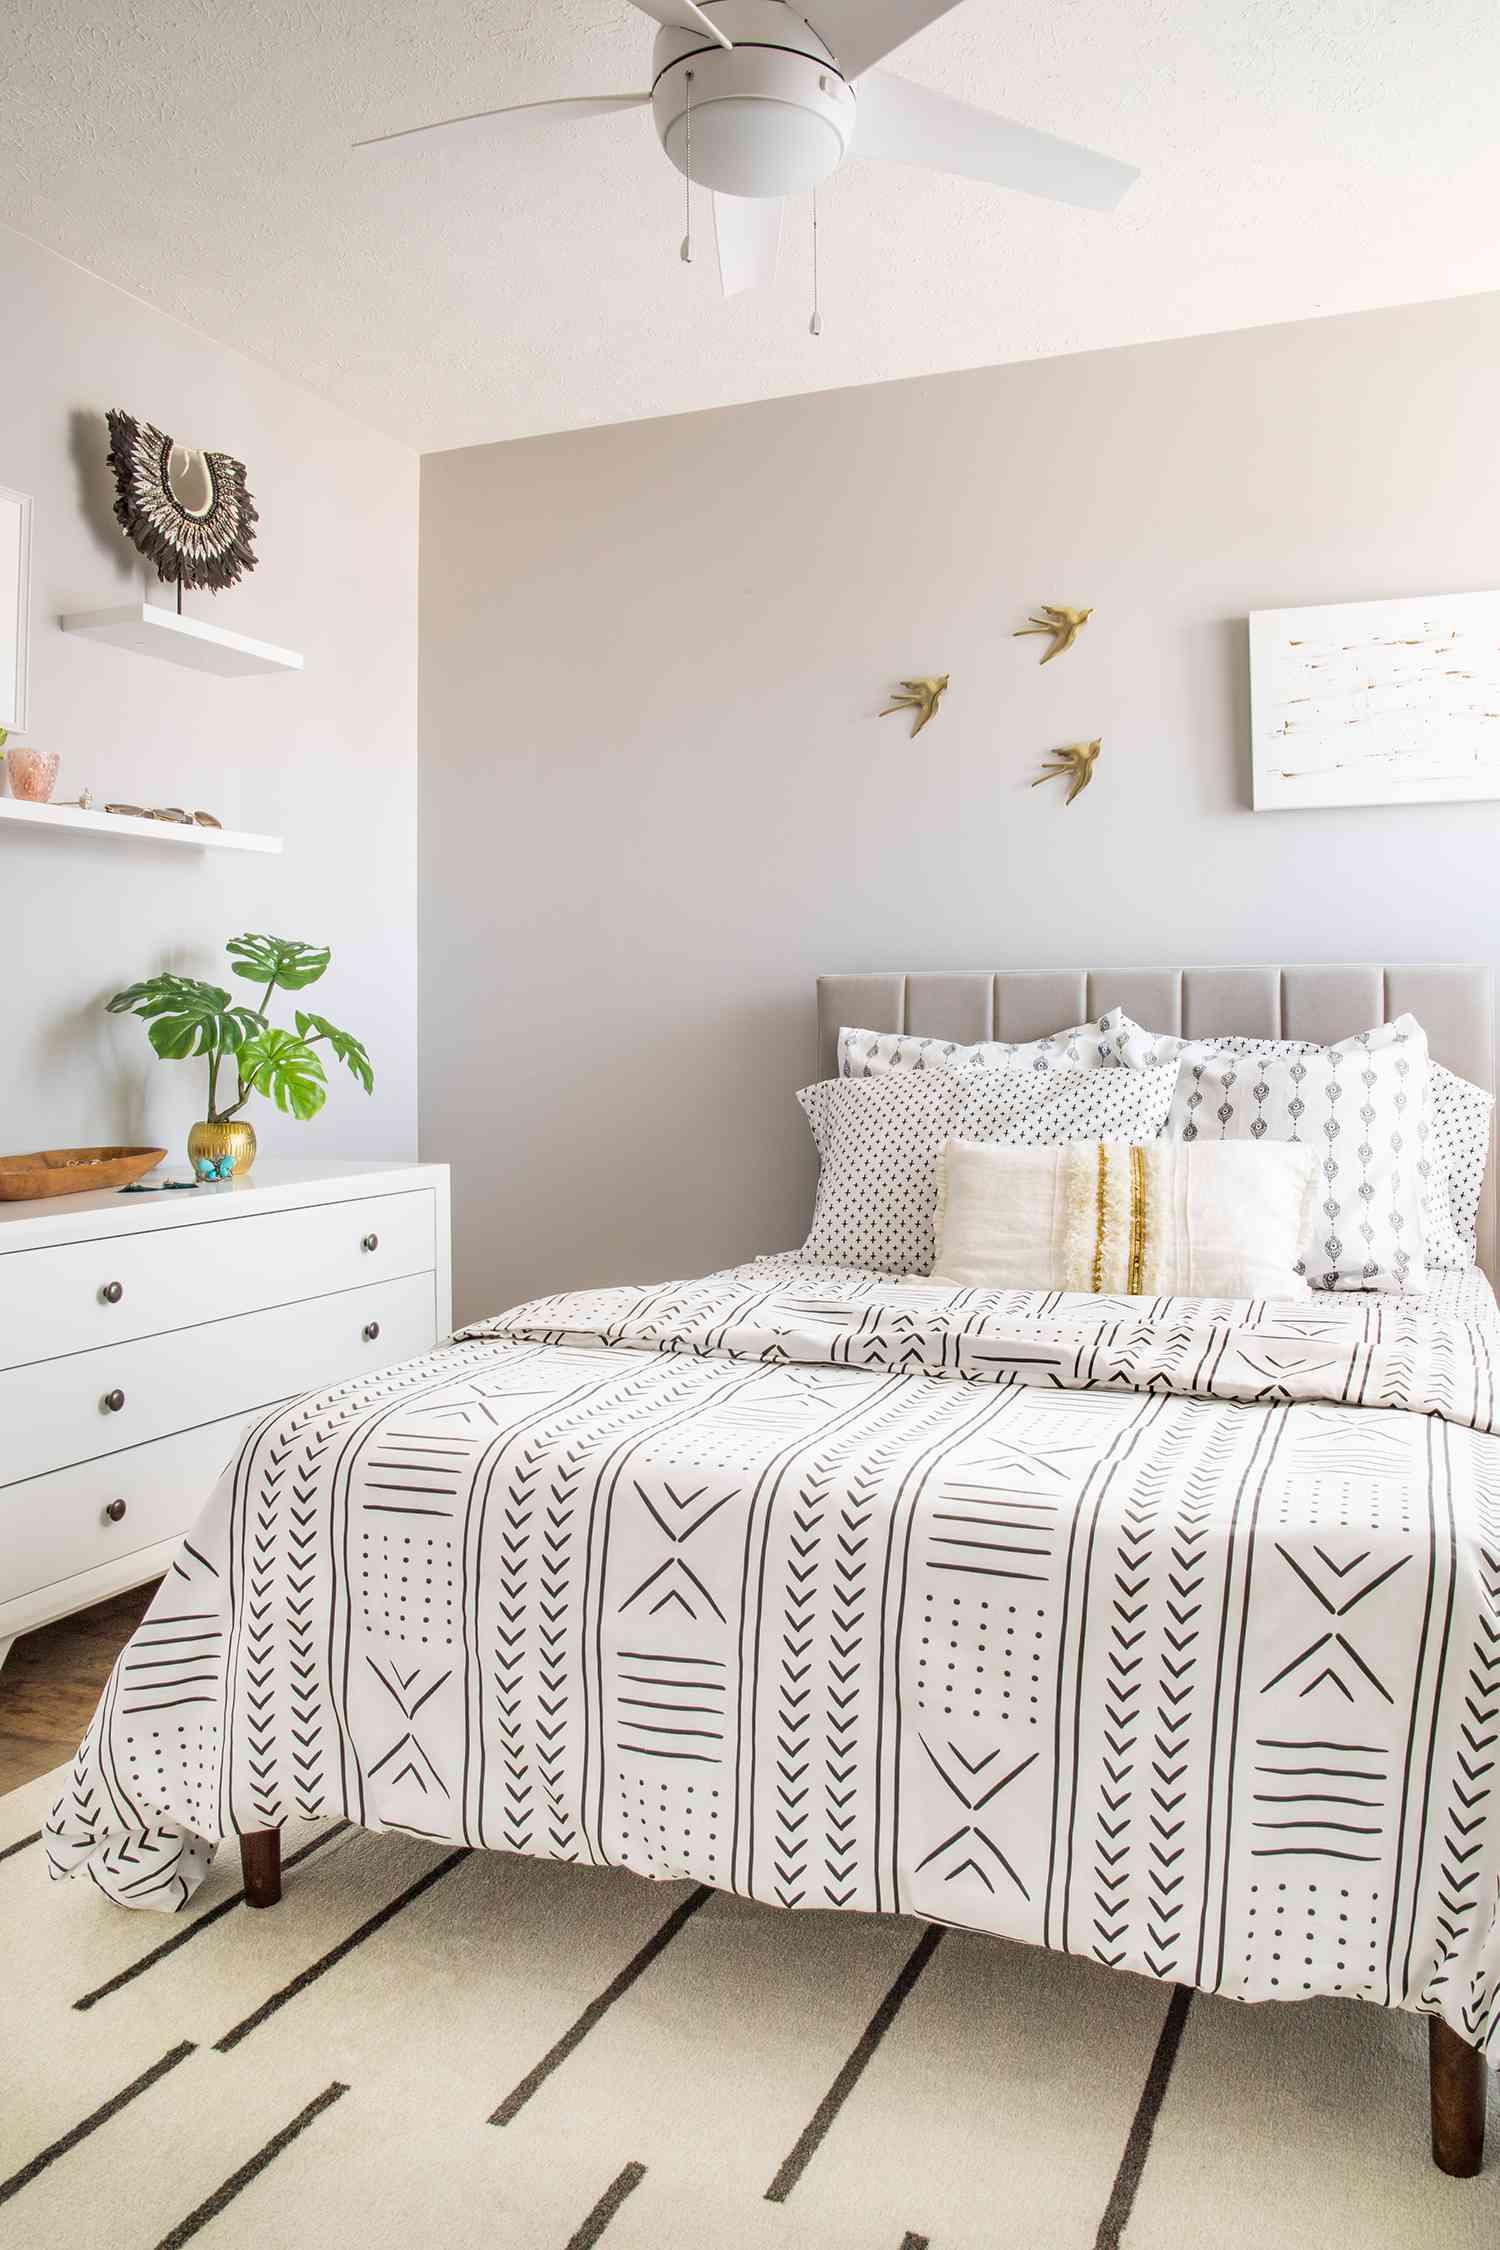 casa watkins living bedroom